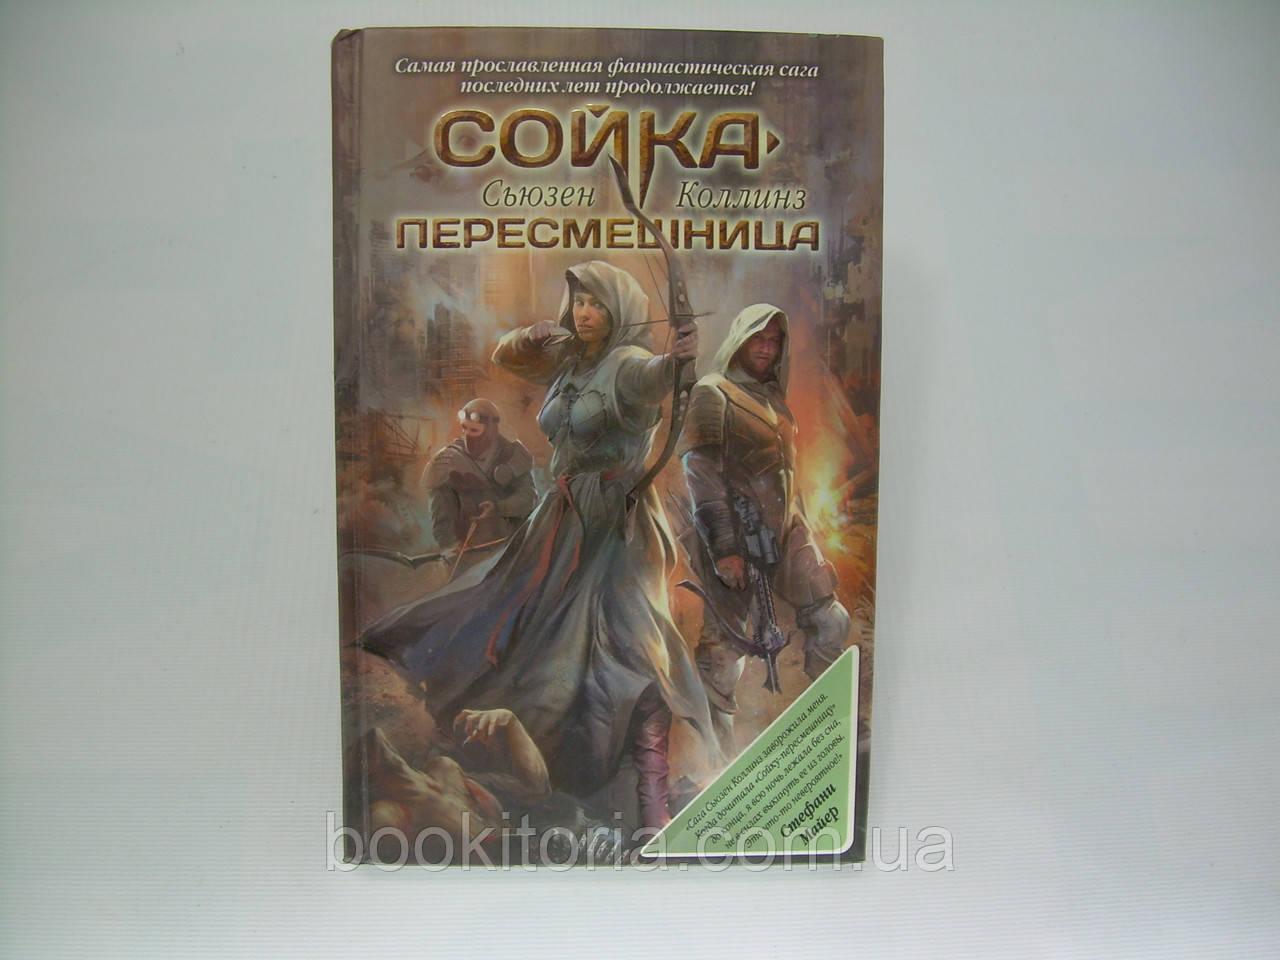 Коллинз С. Сойка-пересмешница (б/у).